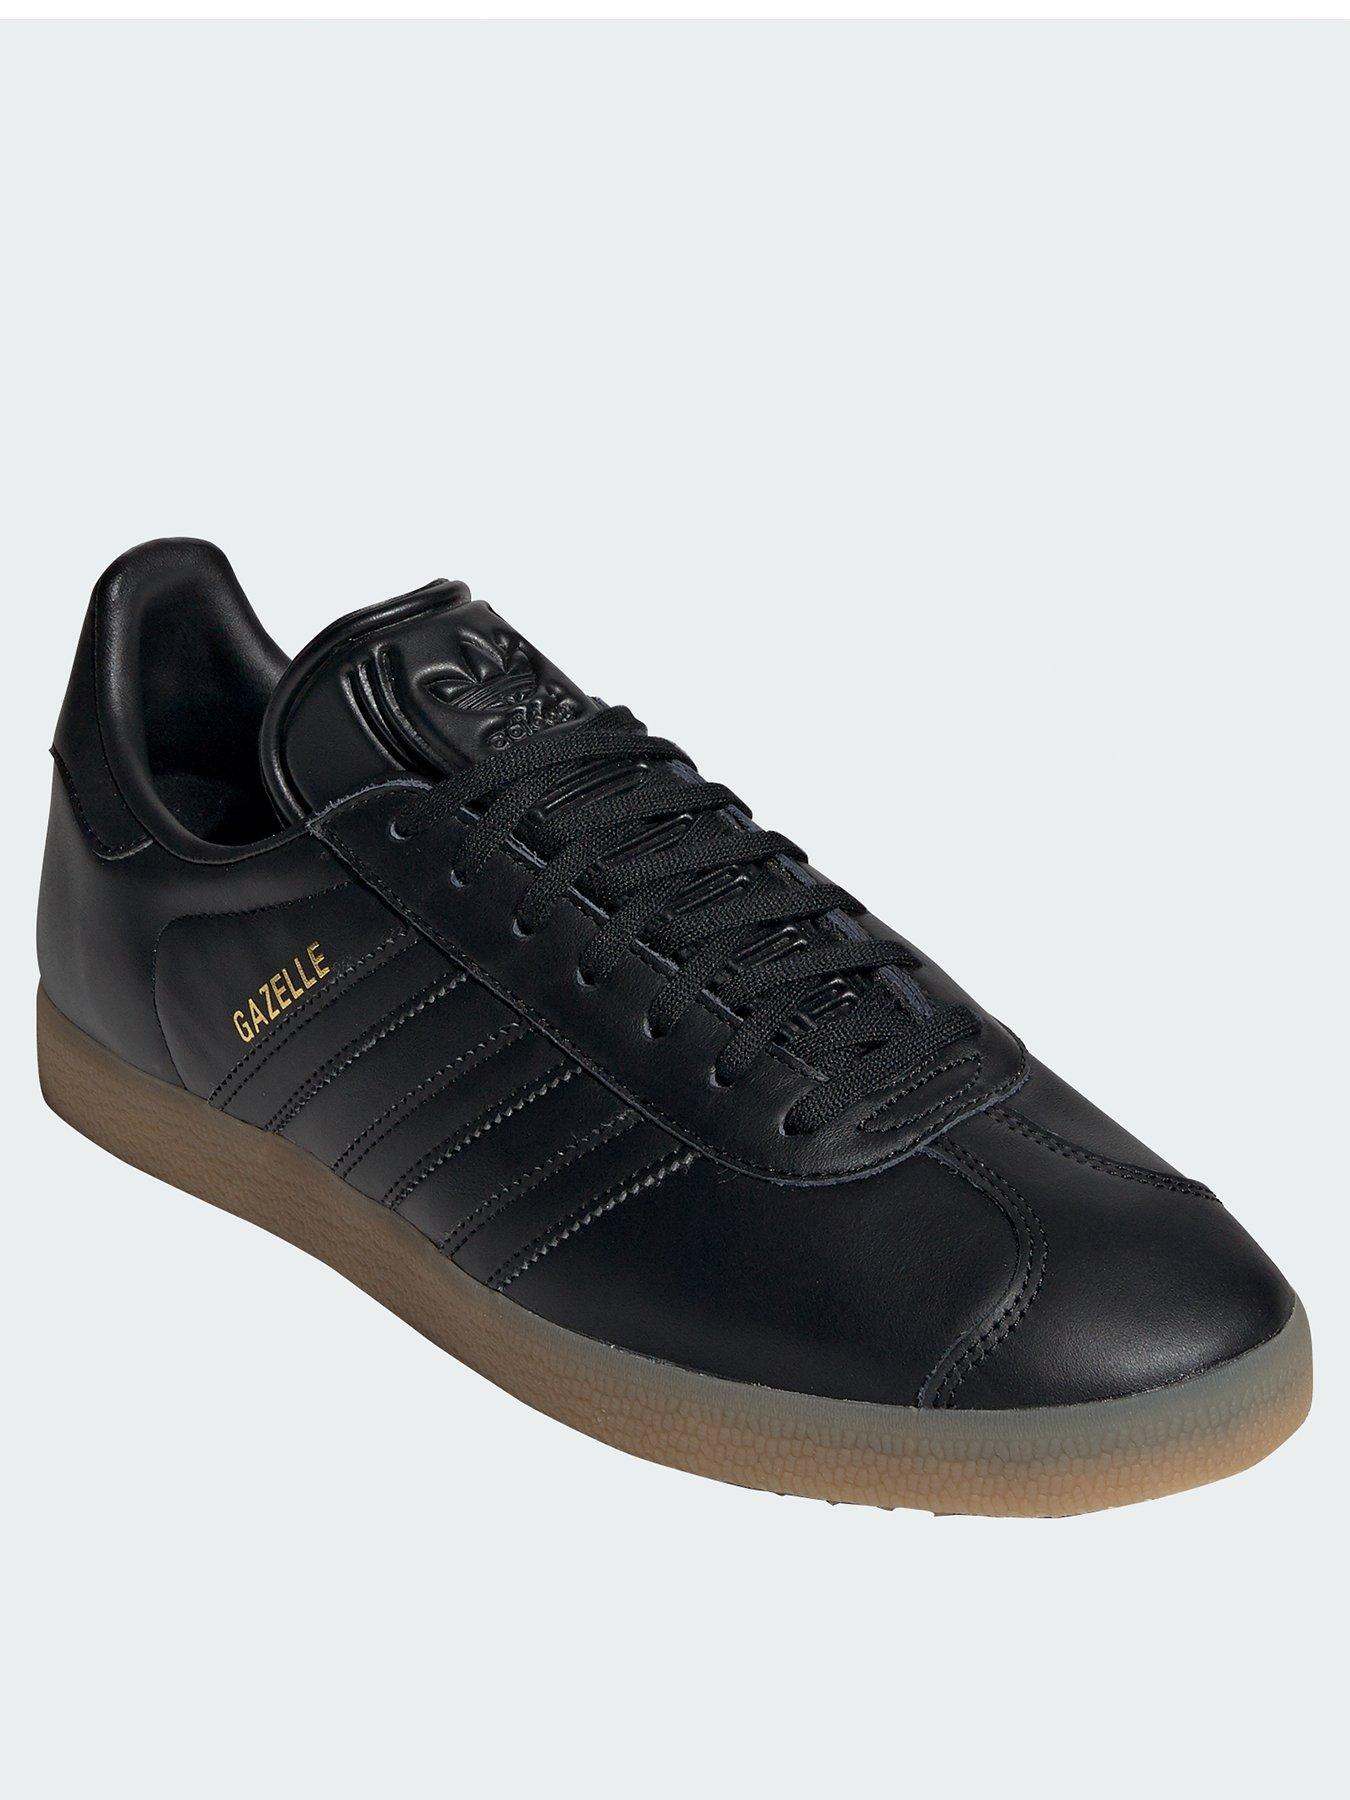 adidas Originals Sportswear | Littlewoods Ireland Online